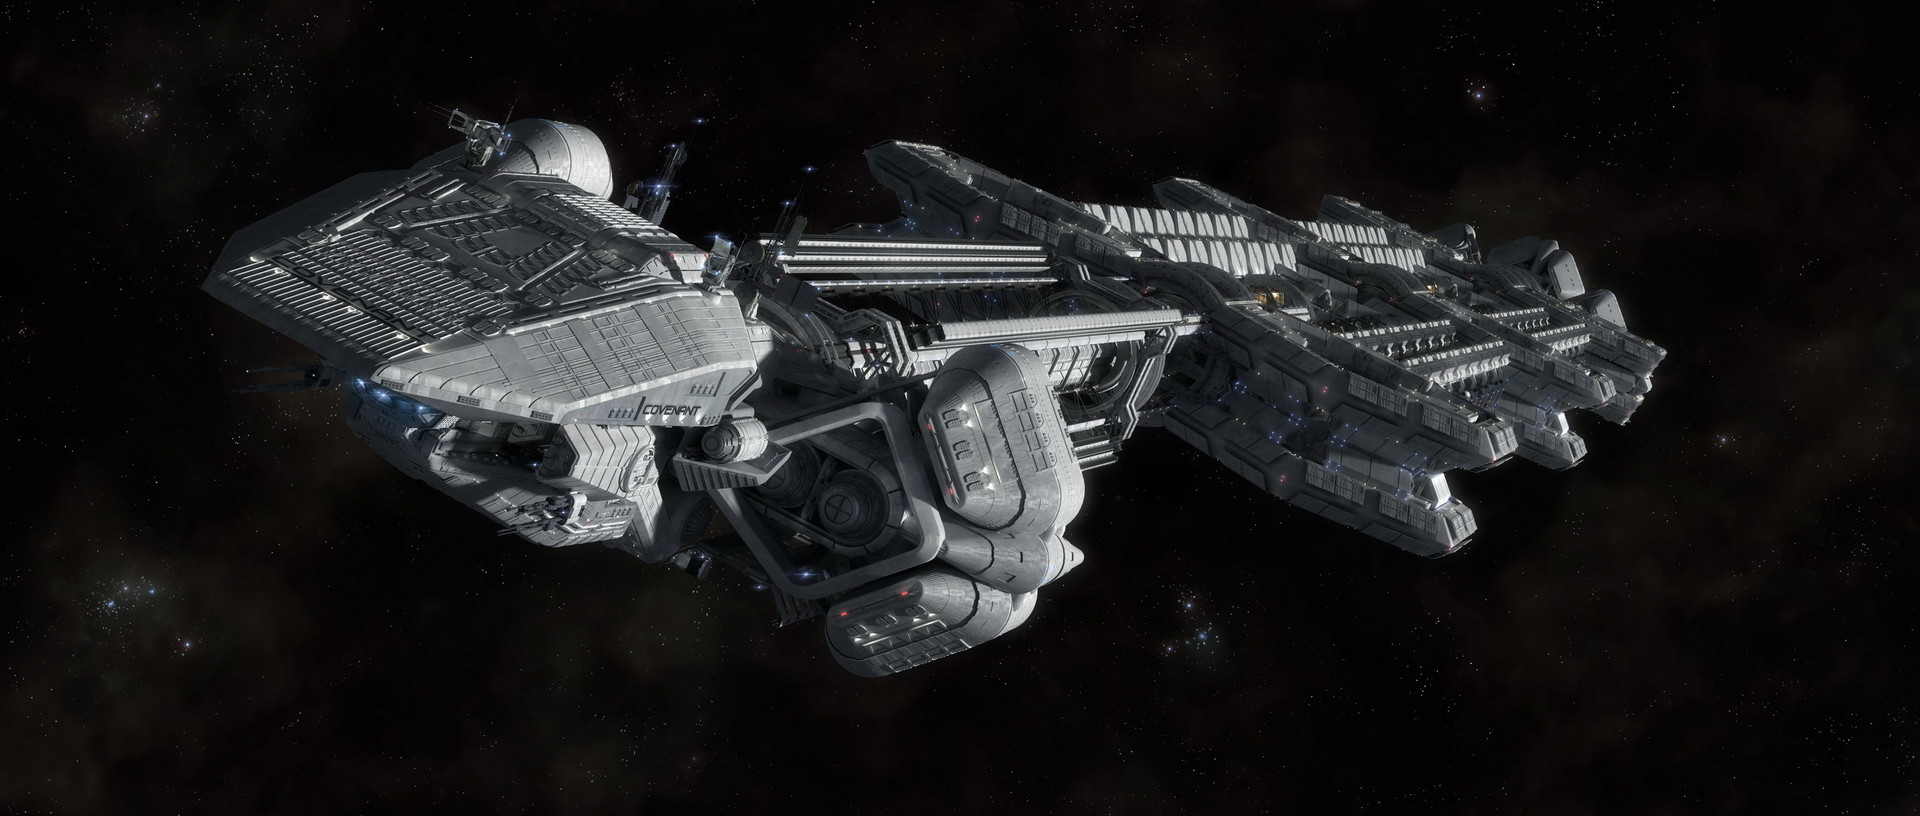 alien_covenant_ship.jpg